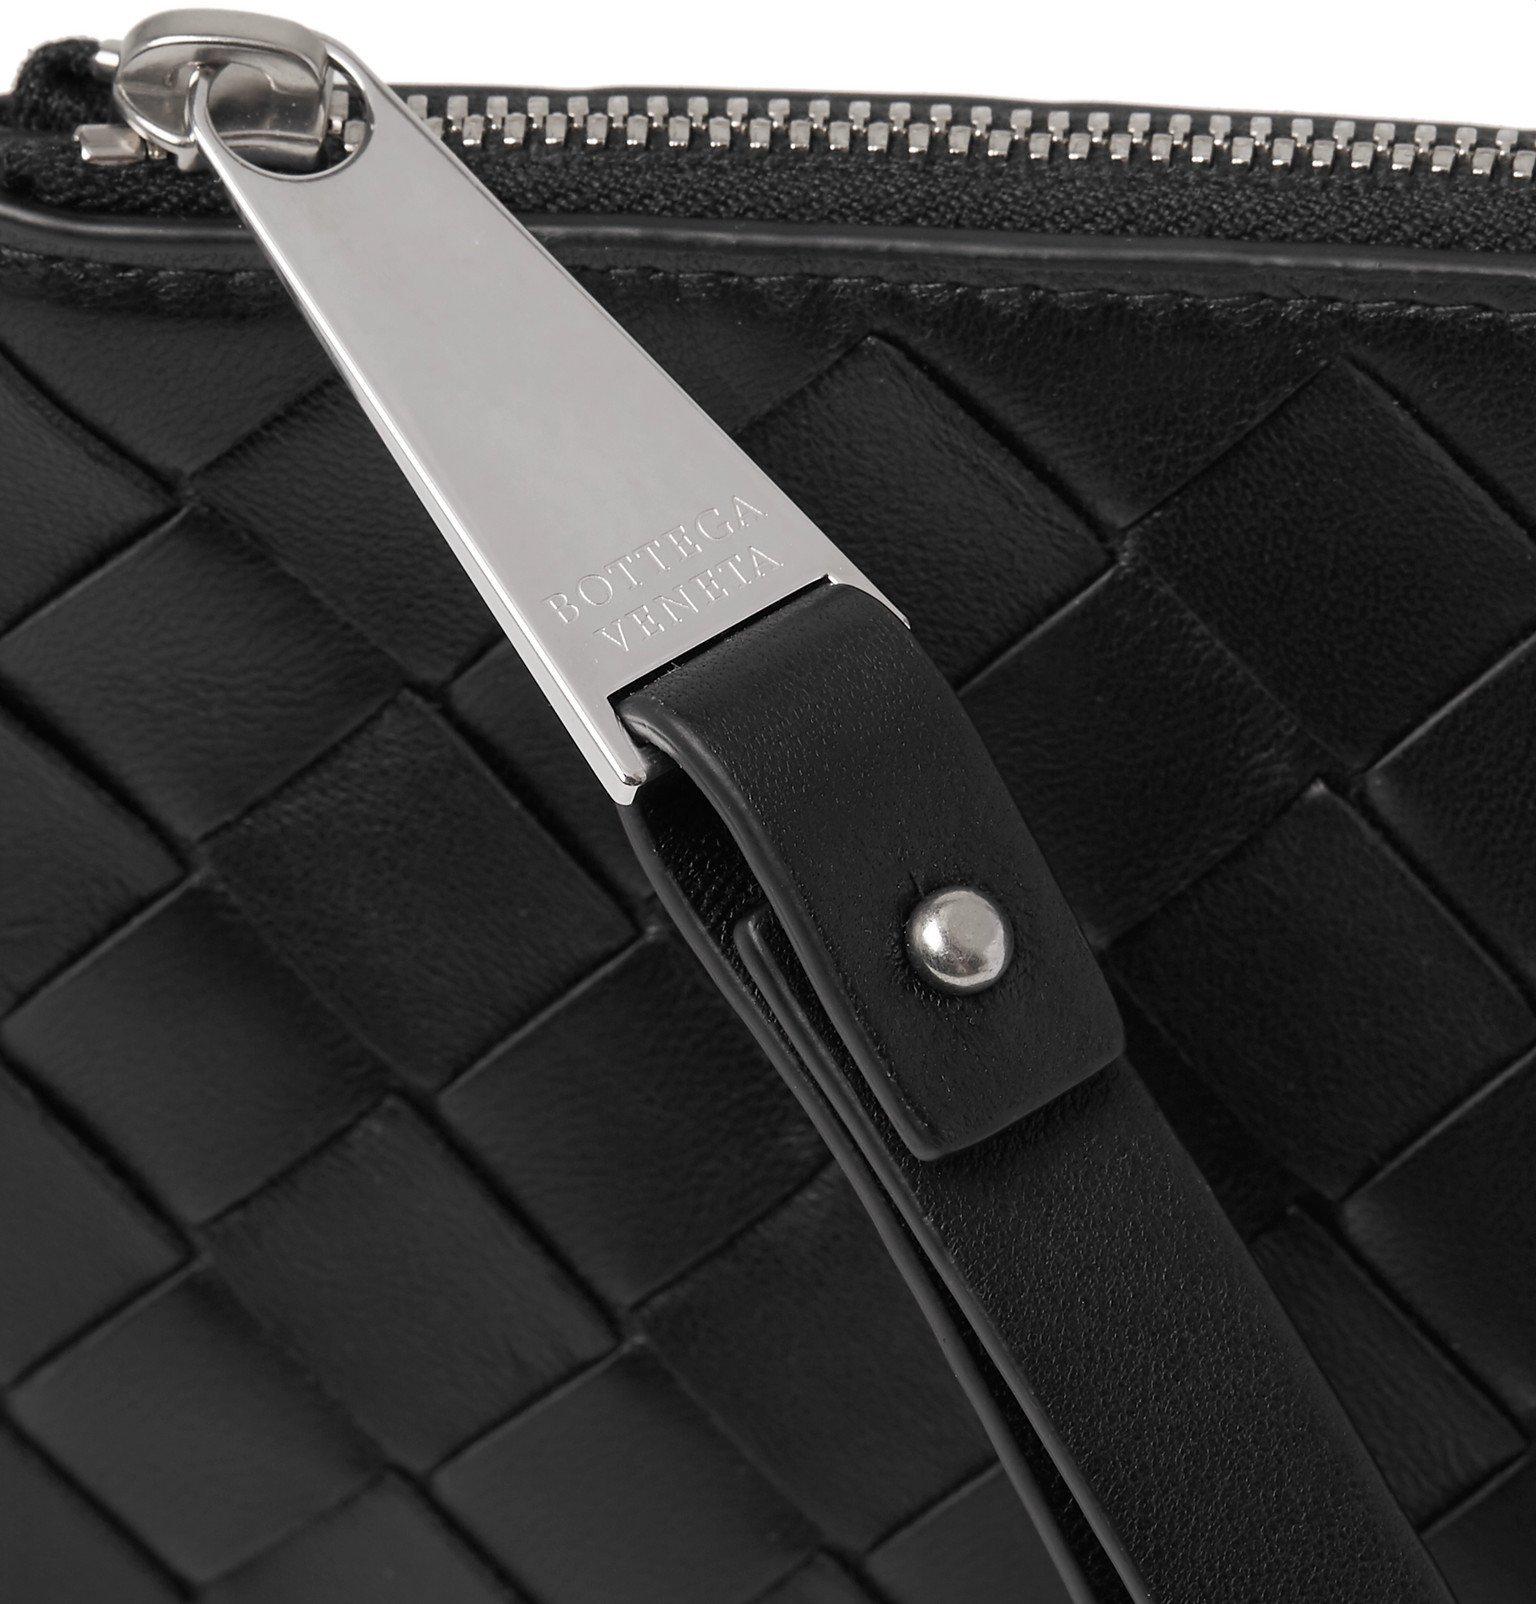 Bottega Veneta - Small Intrecciato Leather Pouch - Black